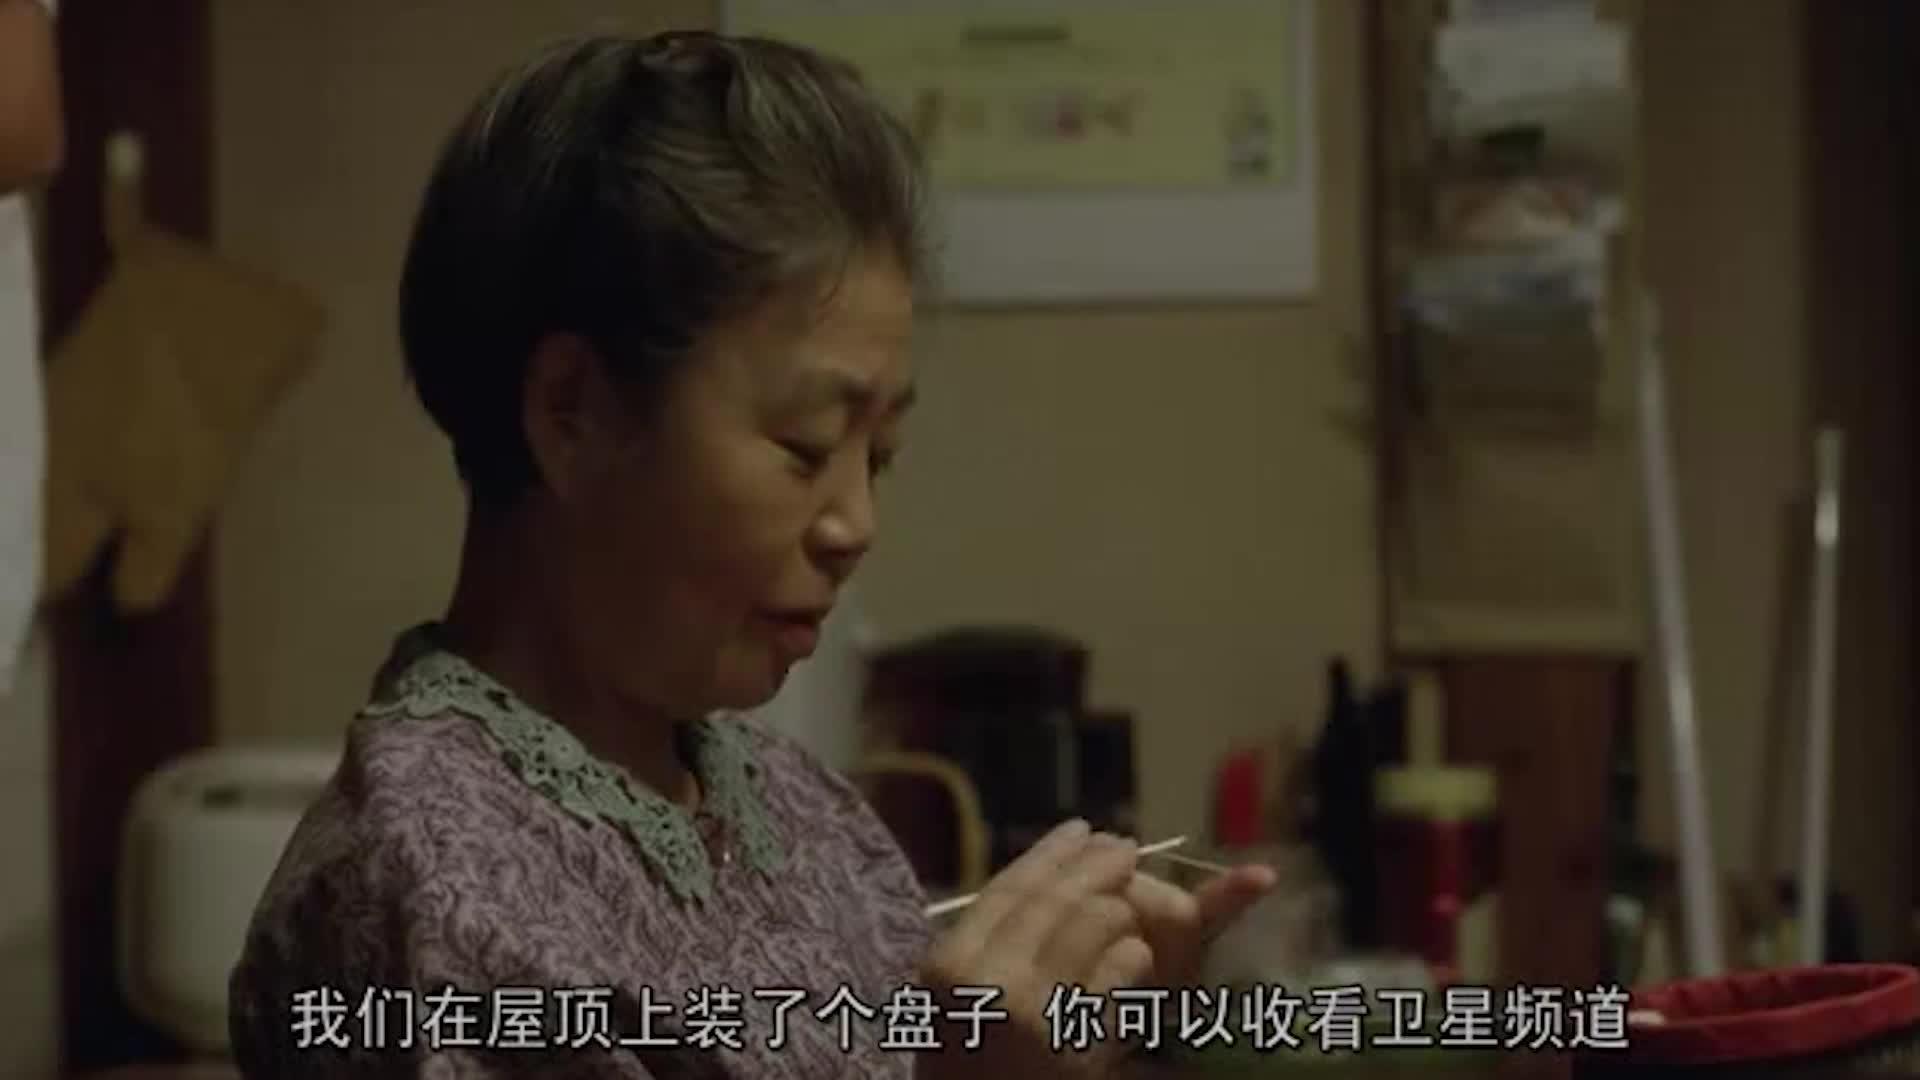 儿子给母亲钱,母亲开心坏了,从儿子那里领津贴